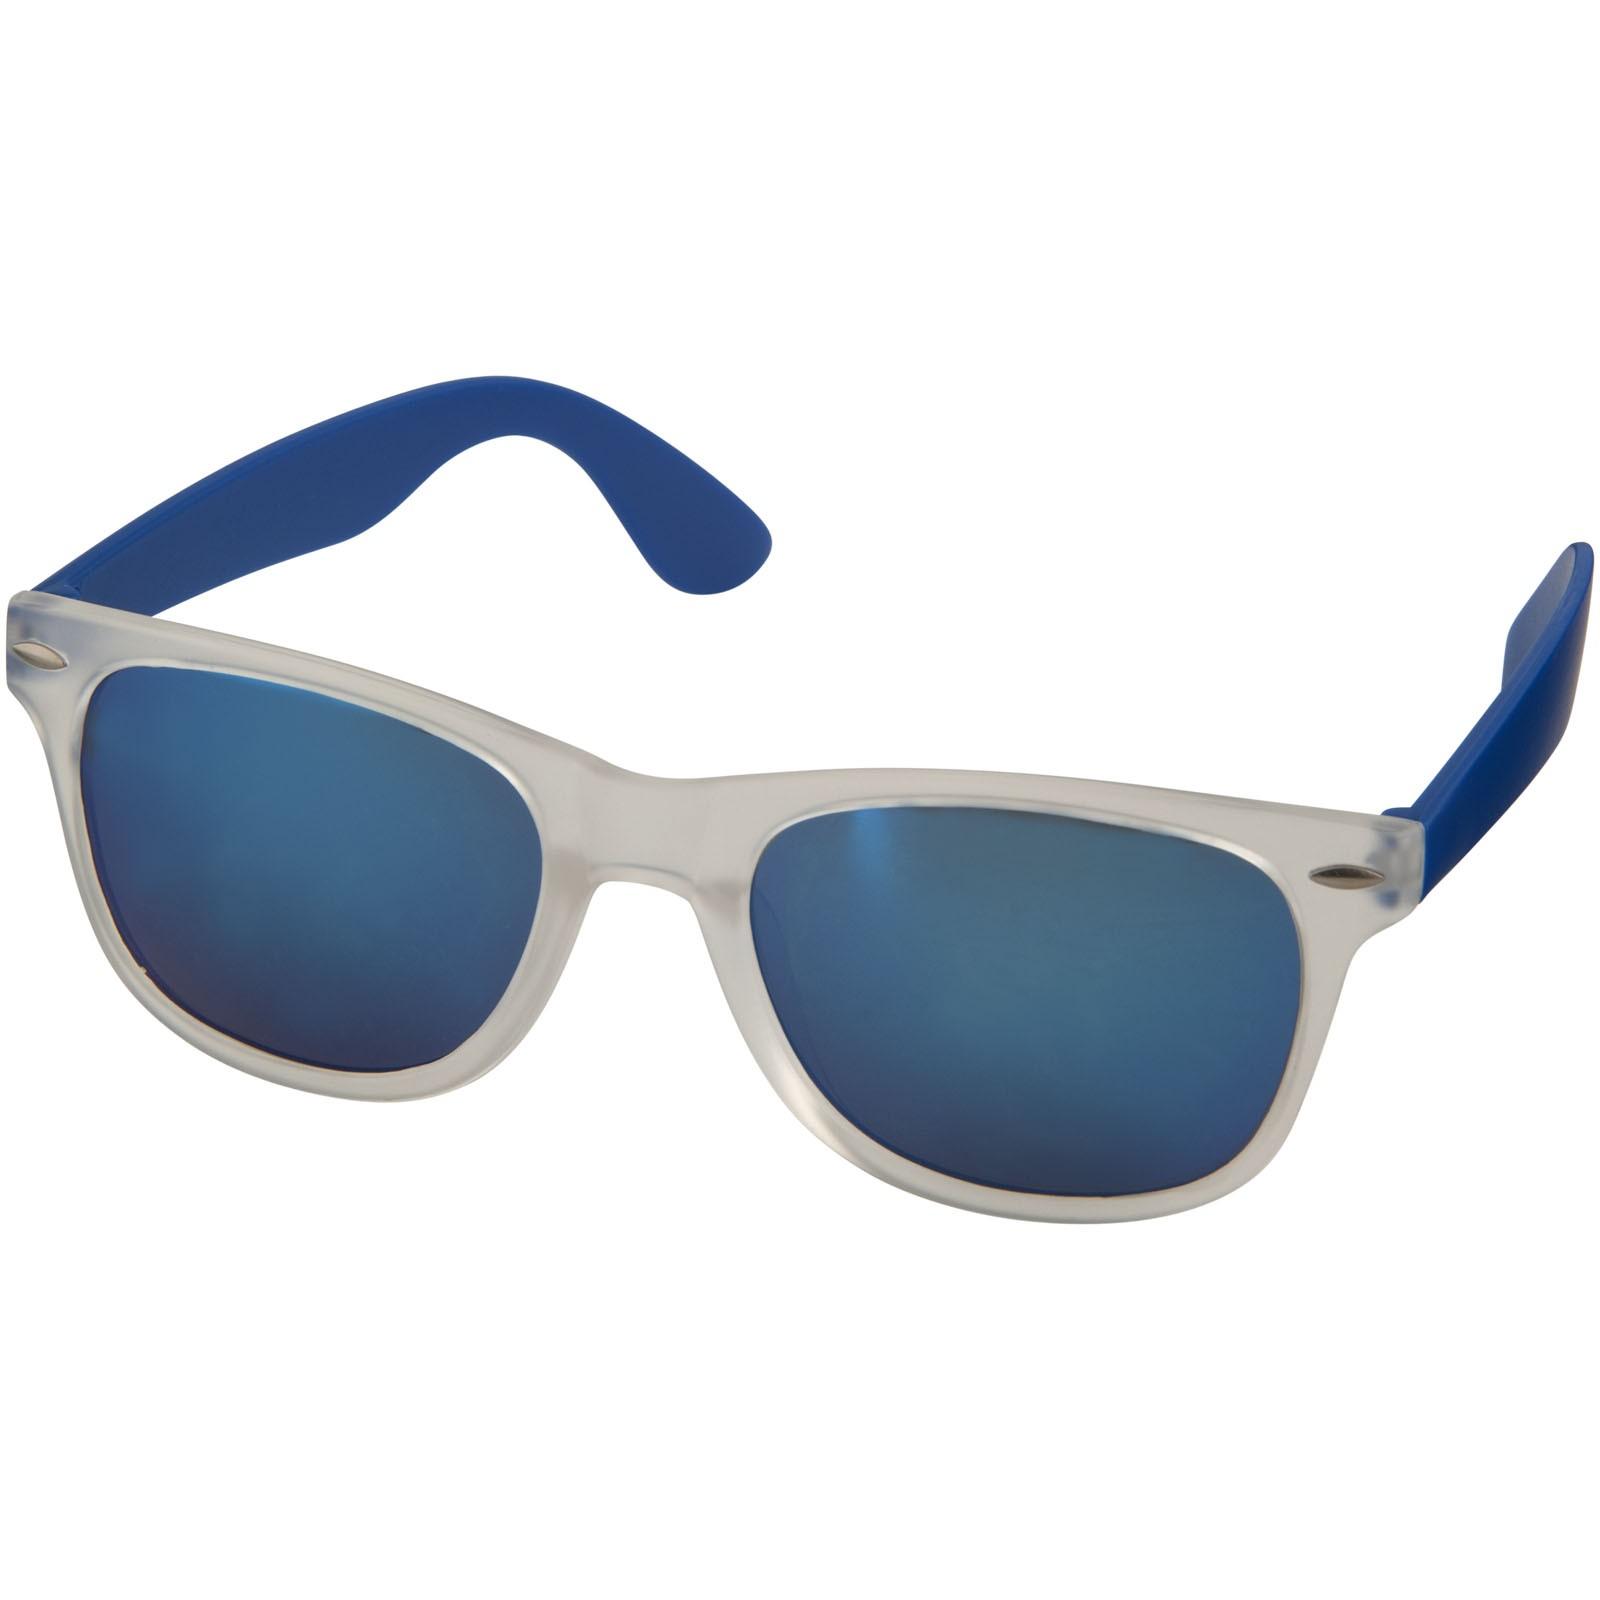 Sun Ray Sonnenbrille mit Spiegelglas - Royalblau